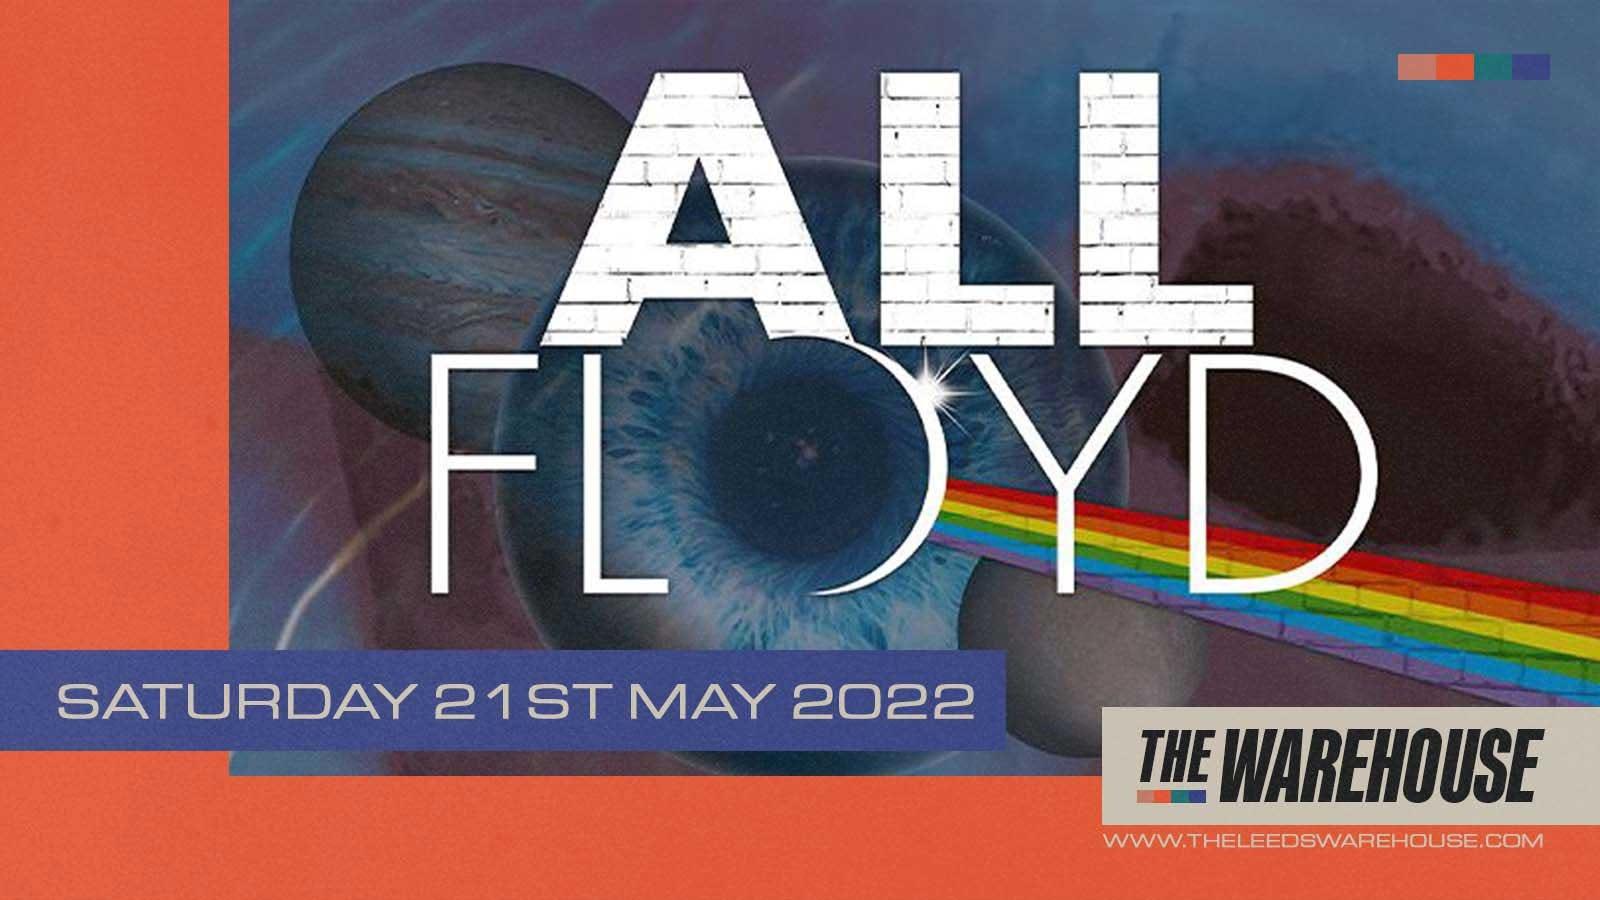 All Floyd